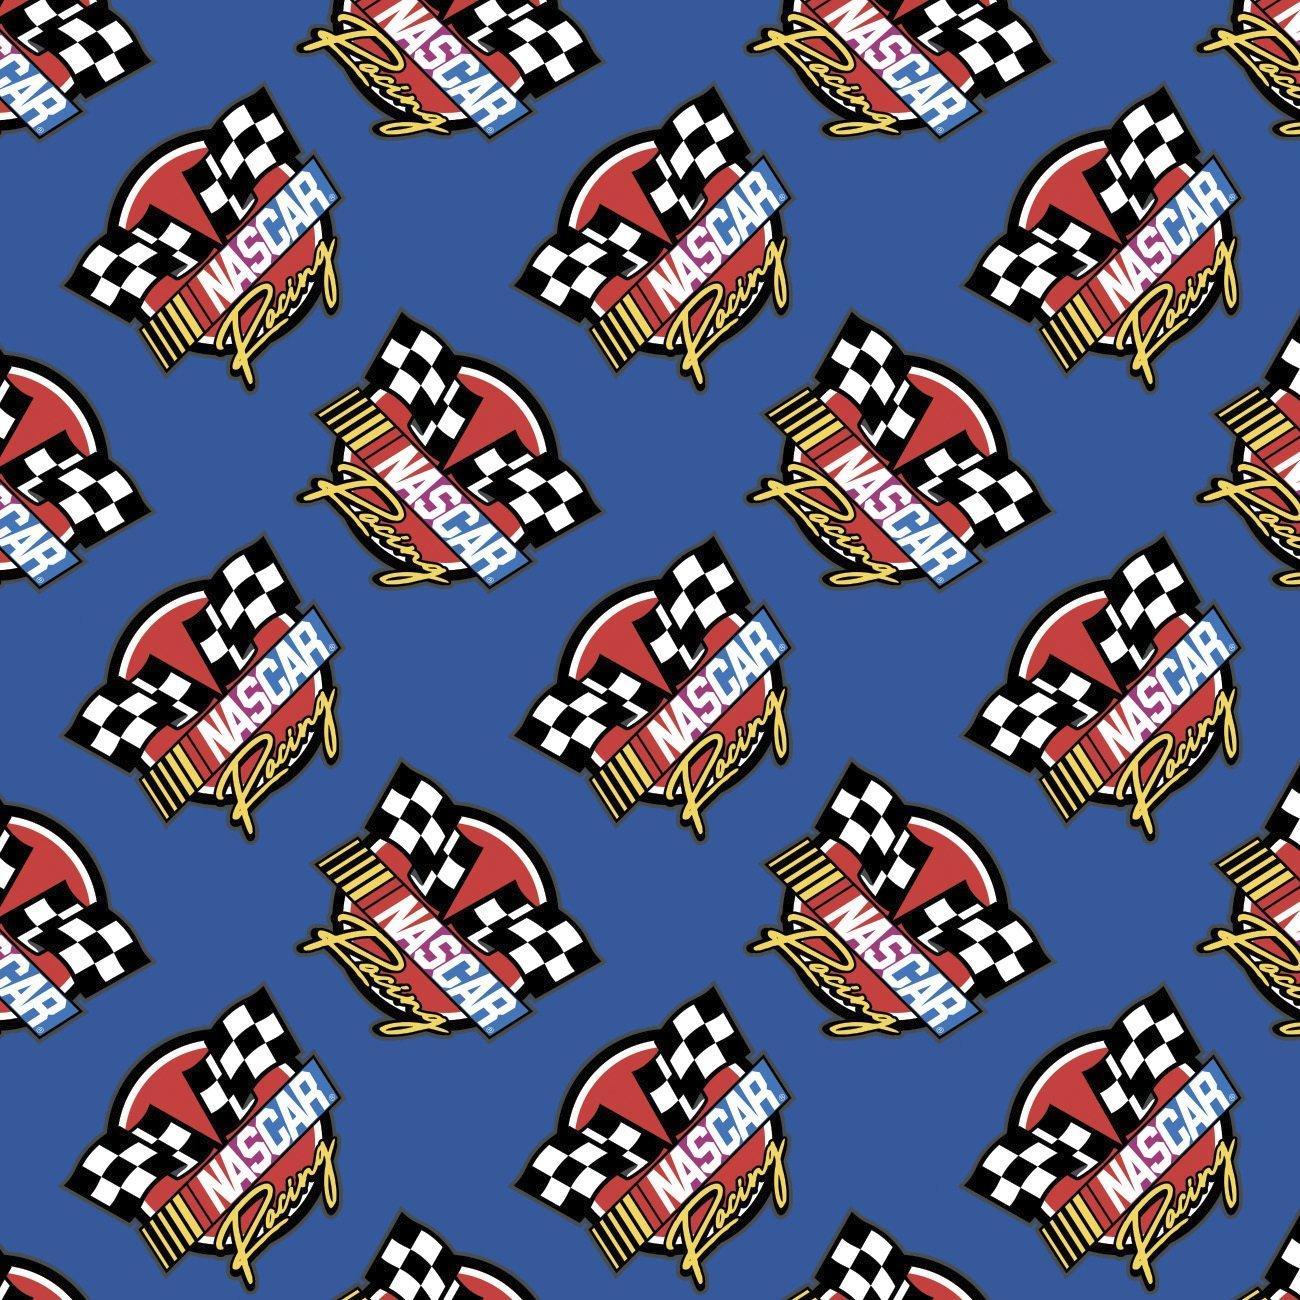 Nascar 39190106-2 Blue Retro Racing